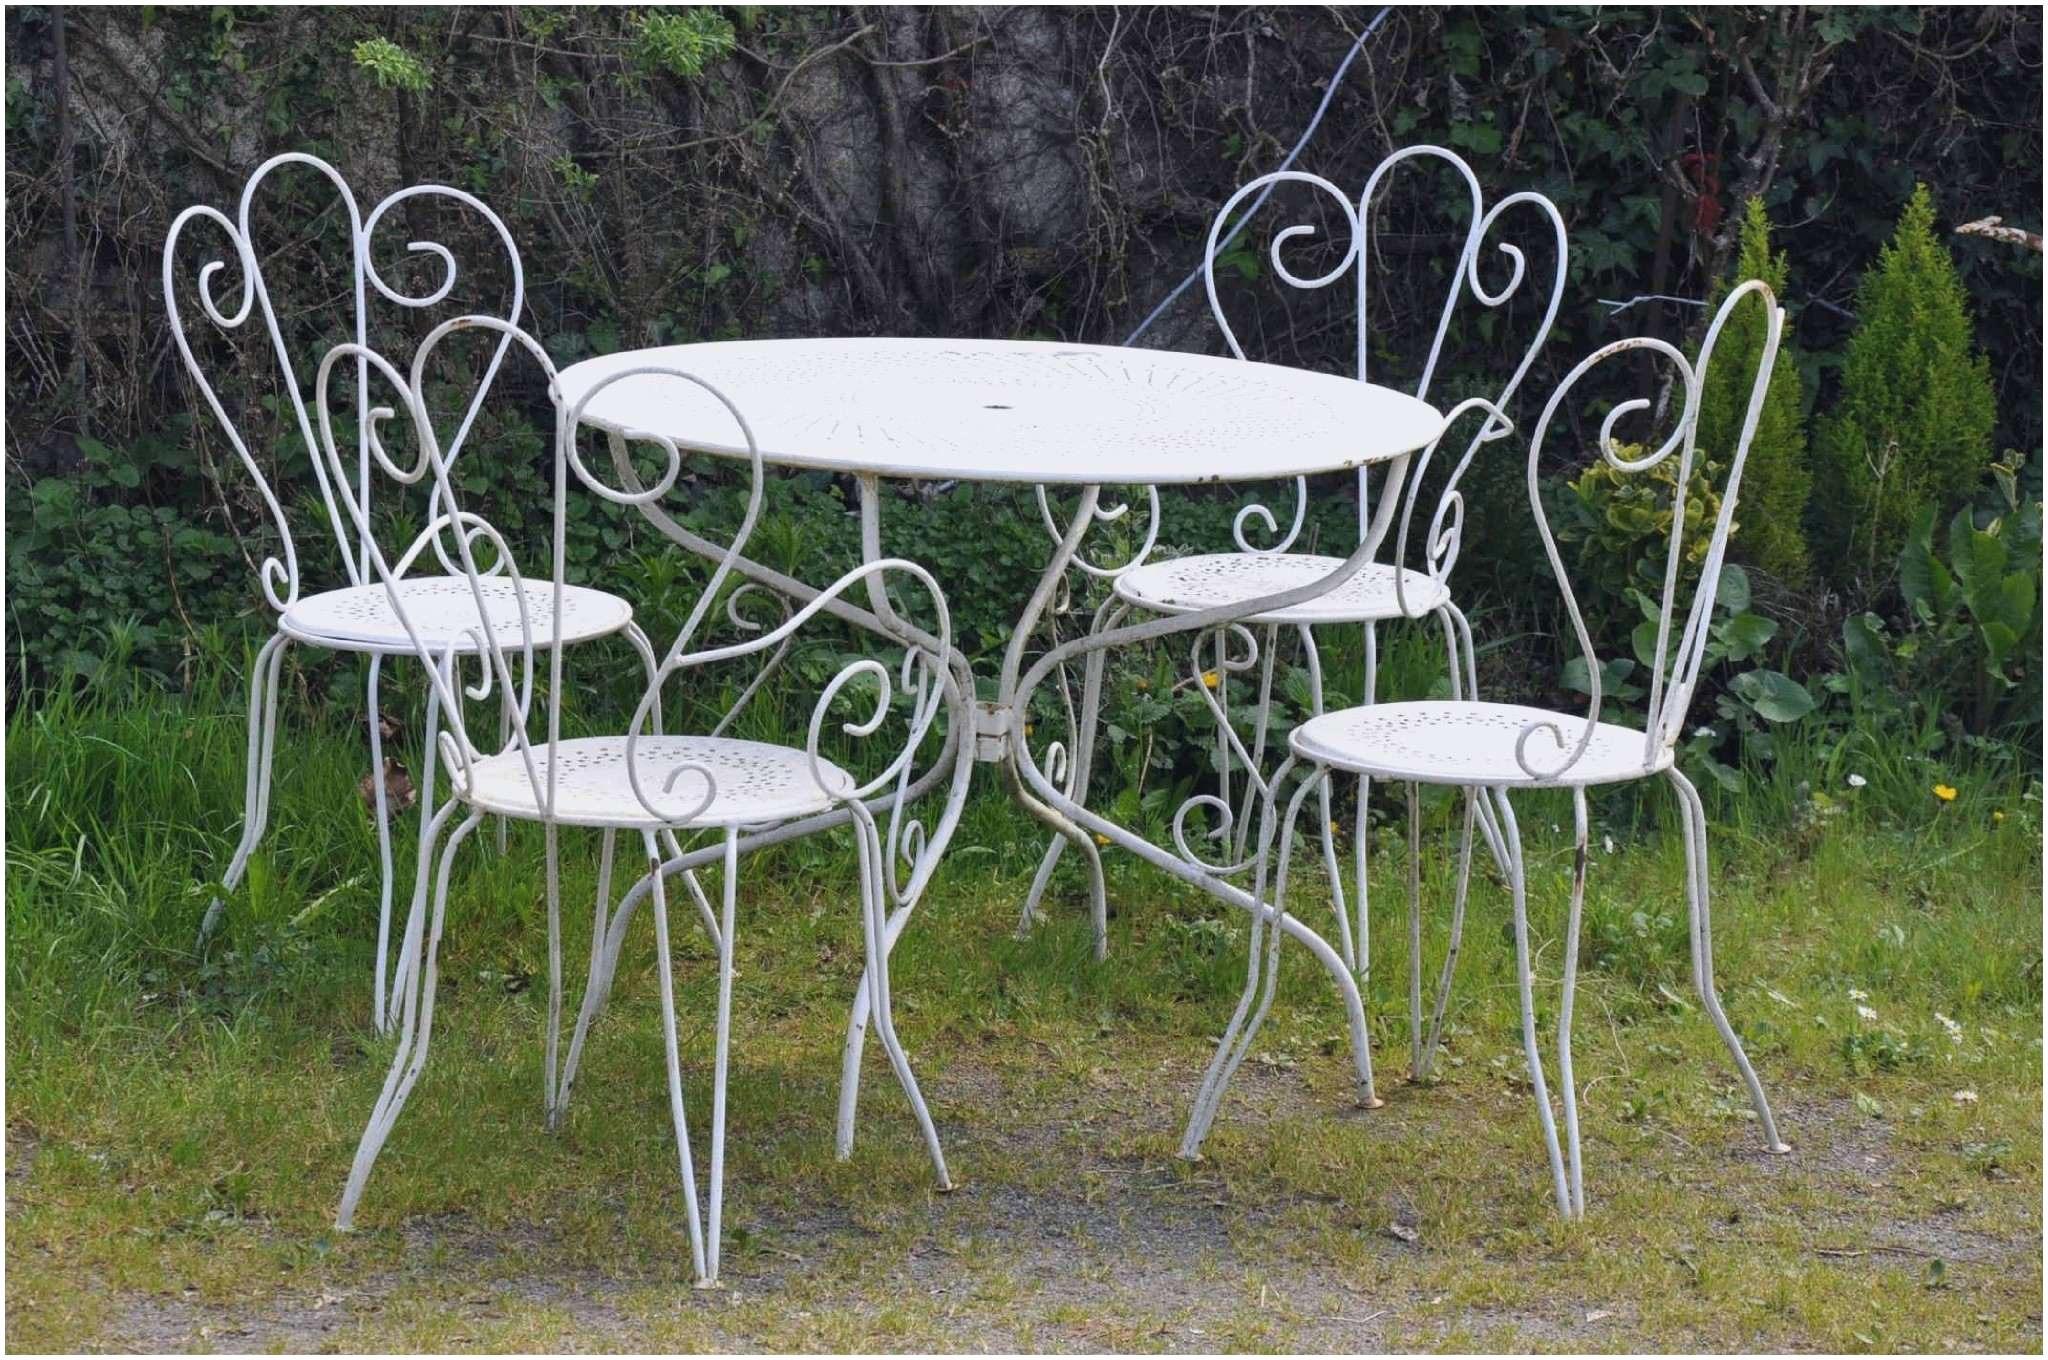 chaise de jardin en metal nouveau table chaise de jardin frais inspire chaise jardin metal chaise of chaise de jardin en metal